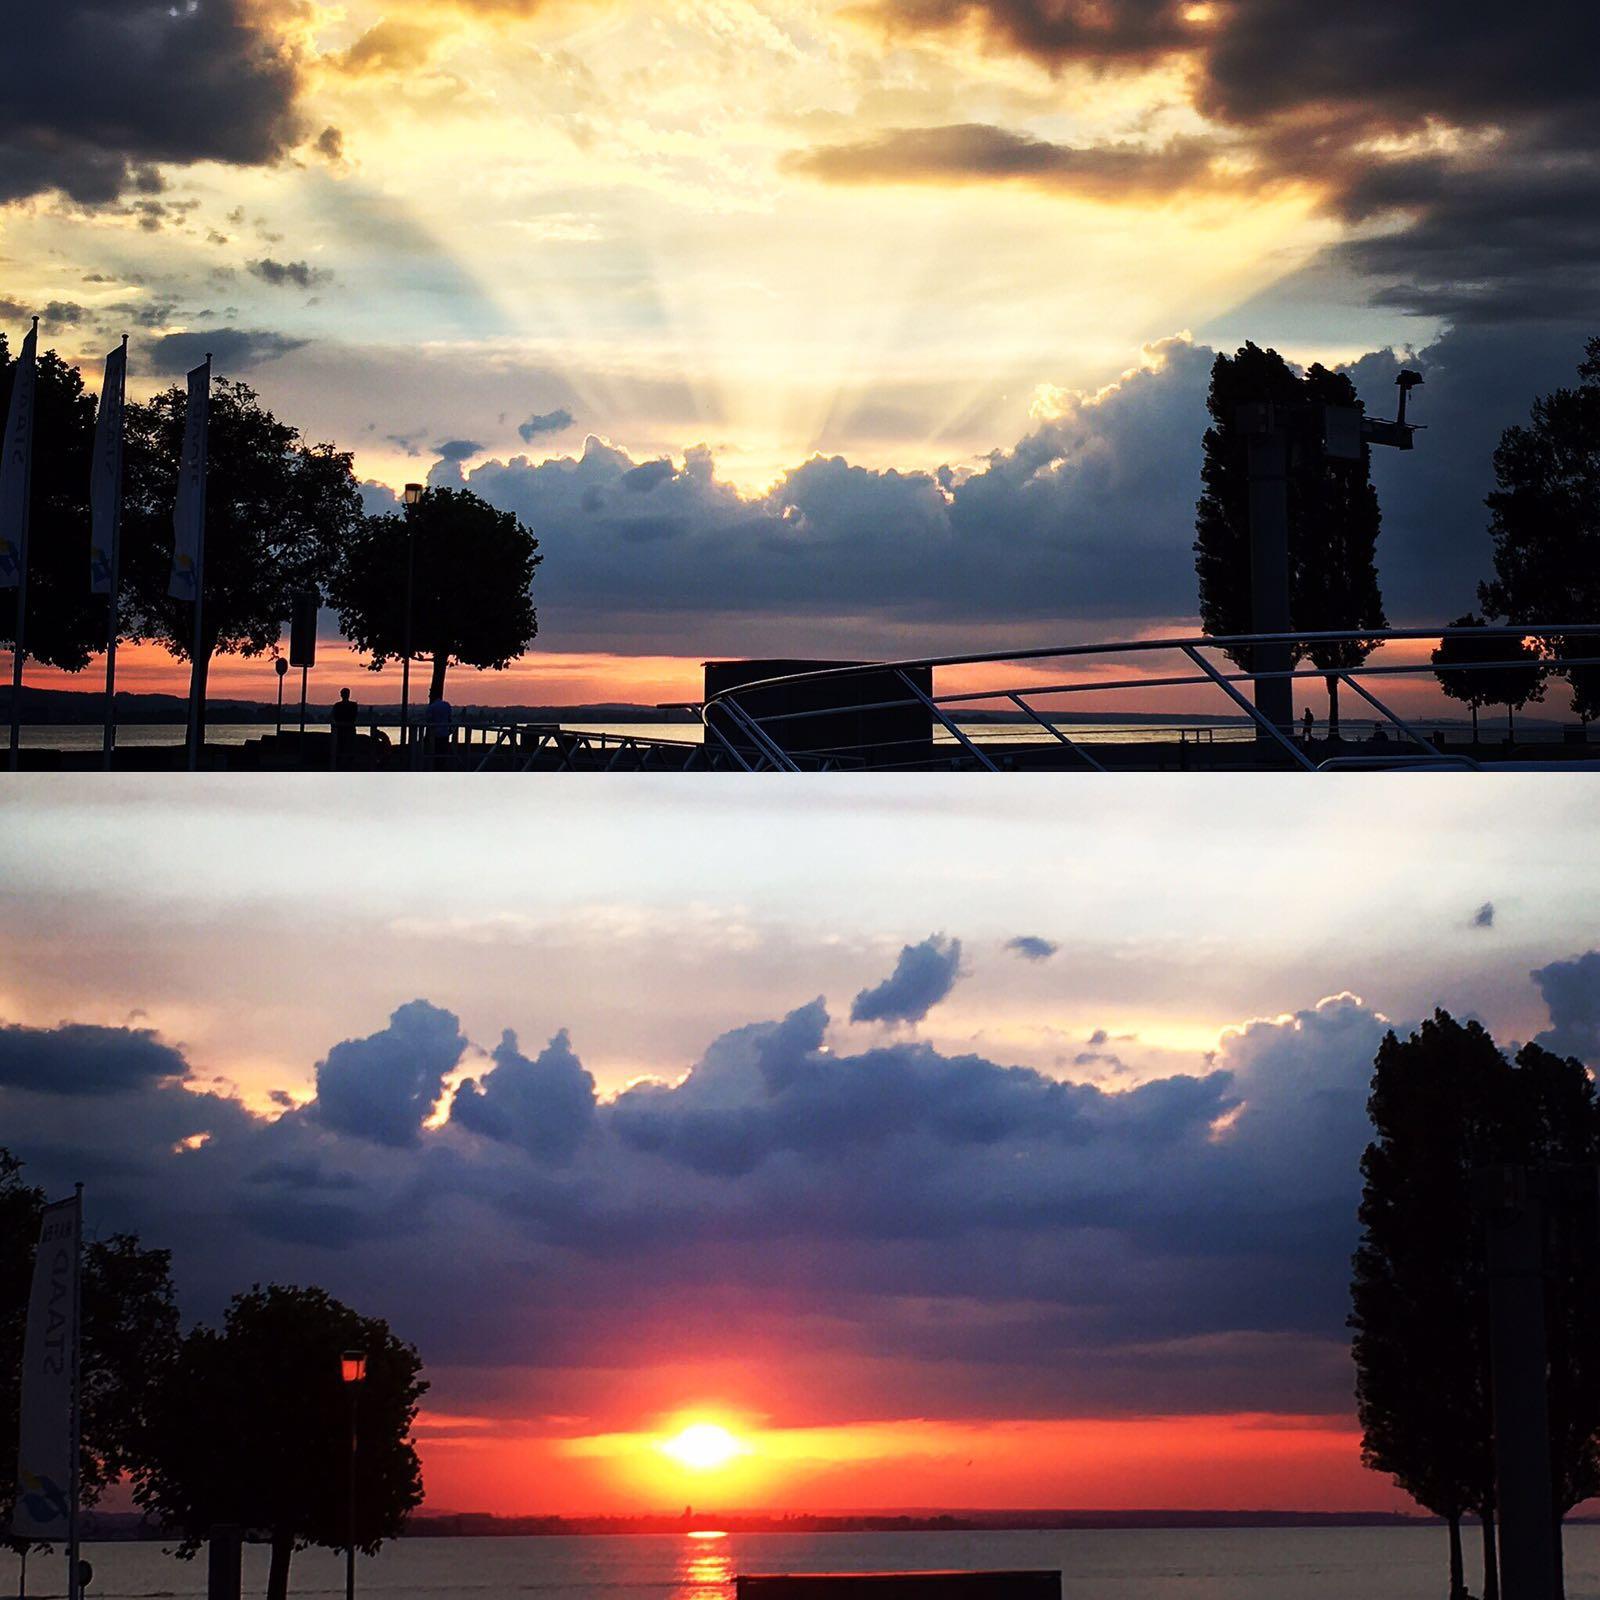 schönster Sonnenuntergang 2016 – Hafen Staad/CH